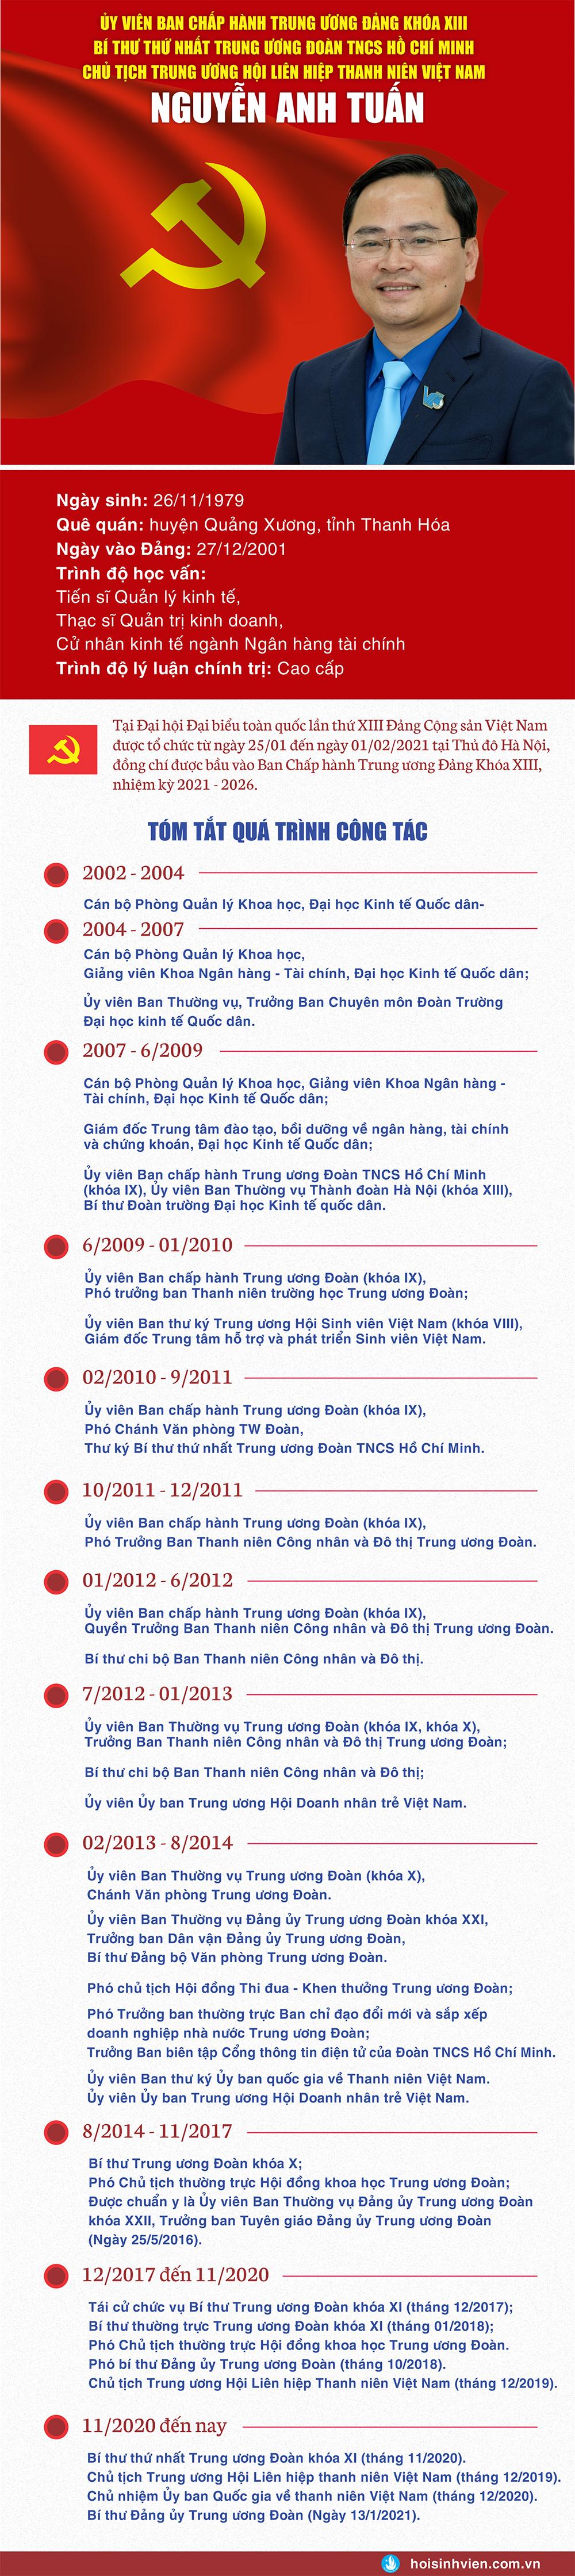 Anh Nguyễn Anh Tuấn, Bí thư thứ nhất T.Ư Đoàn trúng cử Uỷ viên T.Ư Đảng khoá XIII - ảnh 1